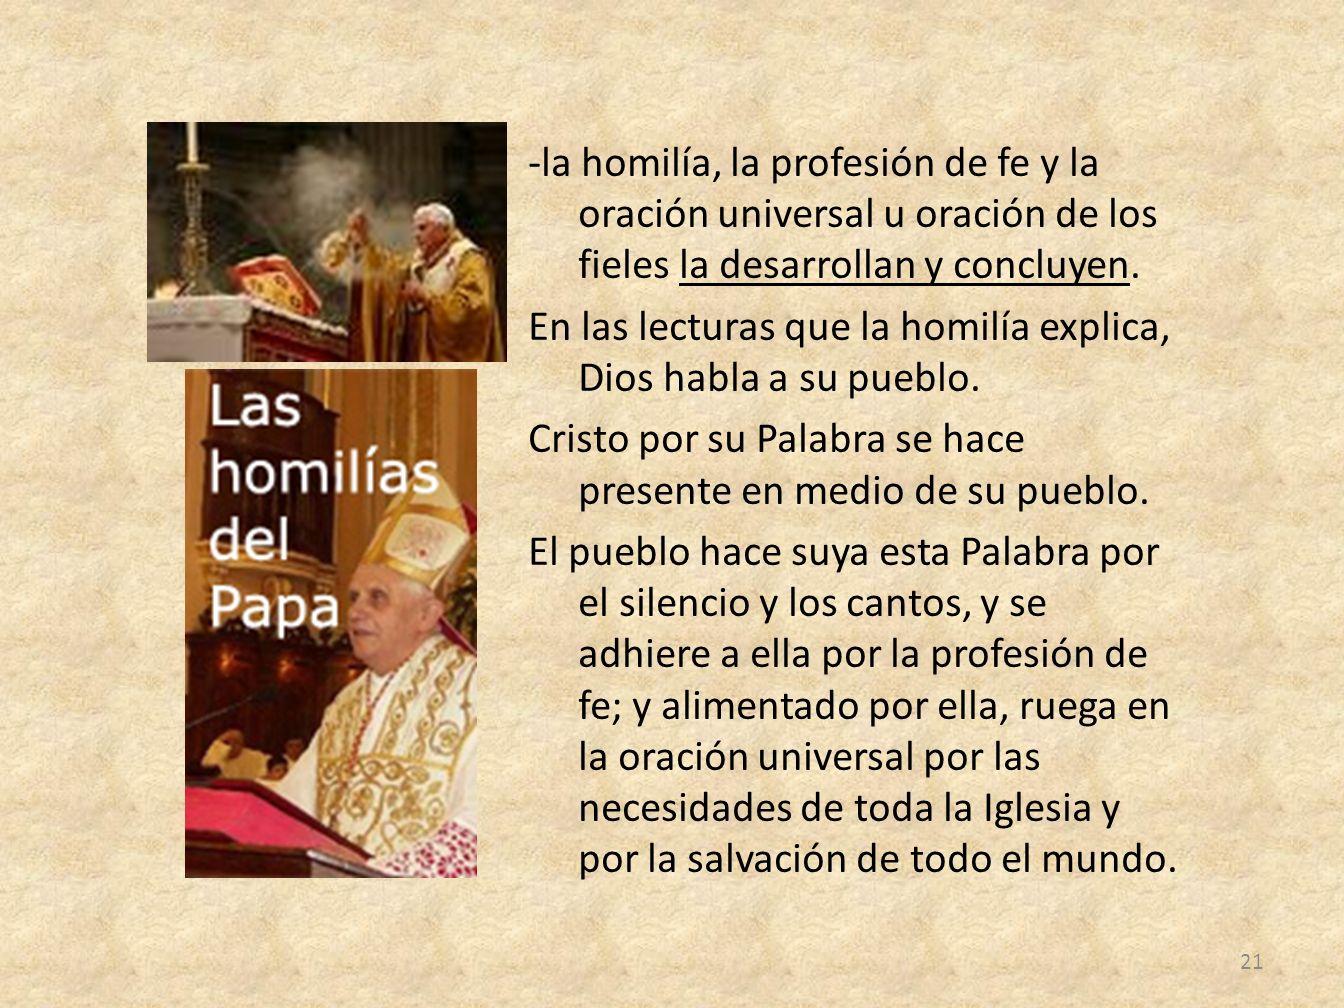 -la homilía, la profesión de fe y la oración universal u oración de los fieles la desarrollan y concluyen.